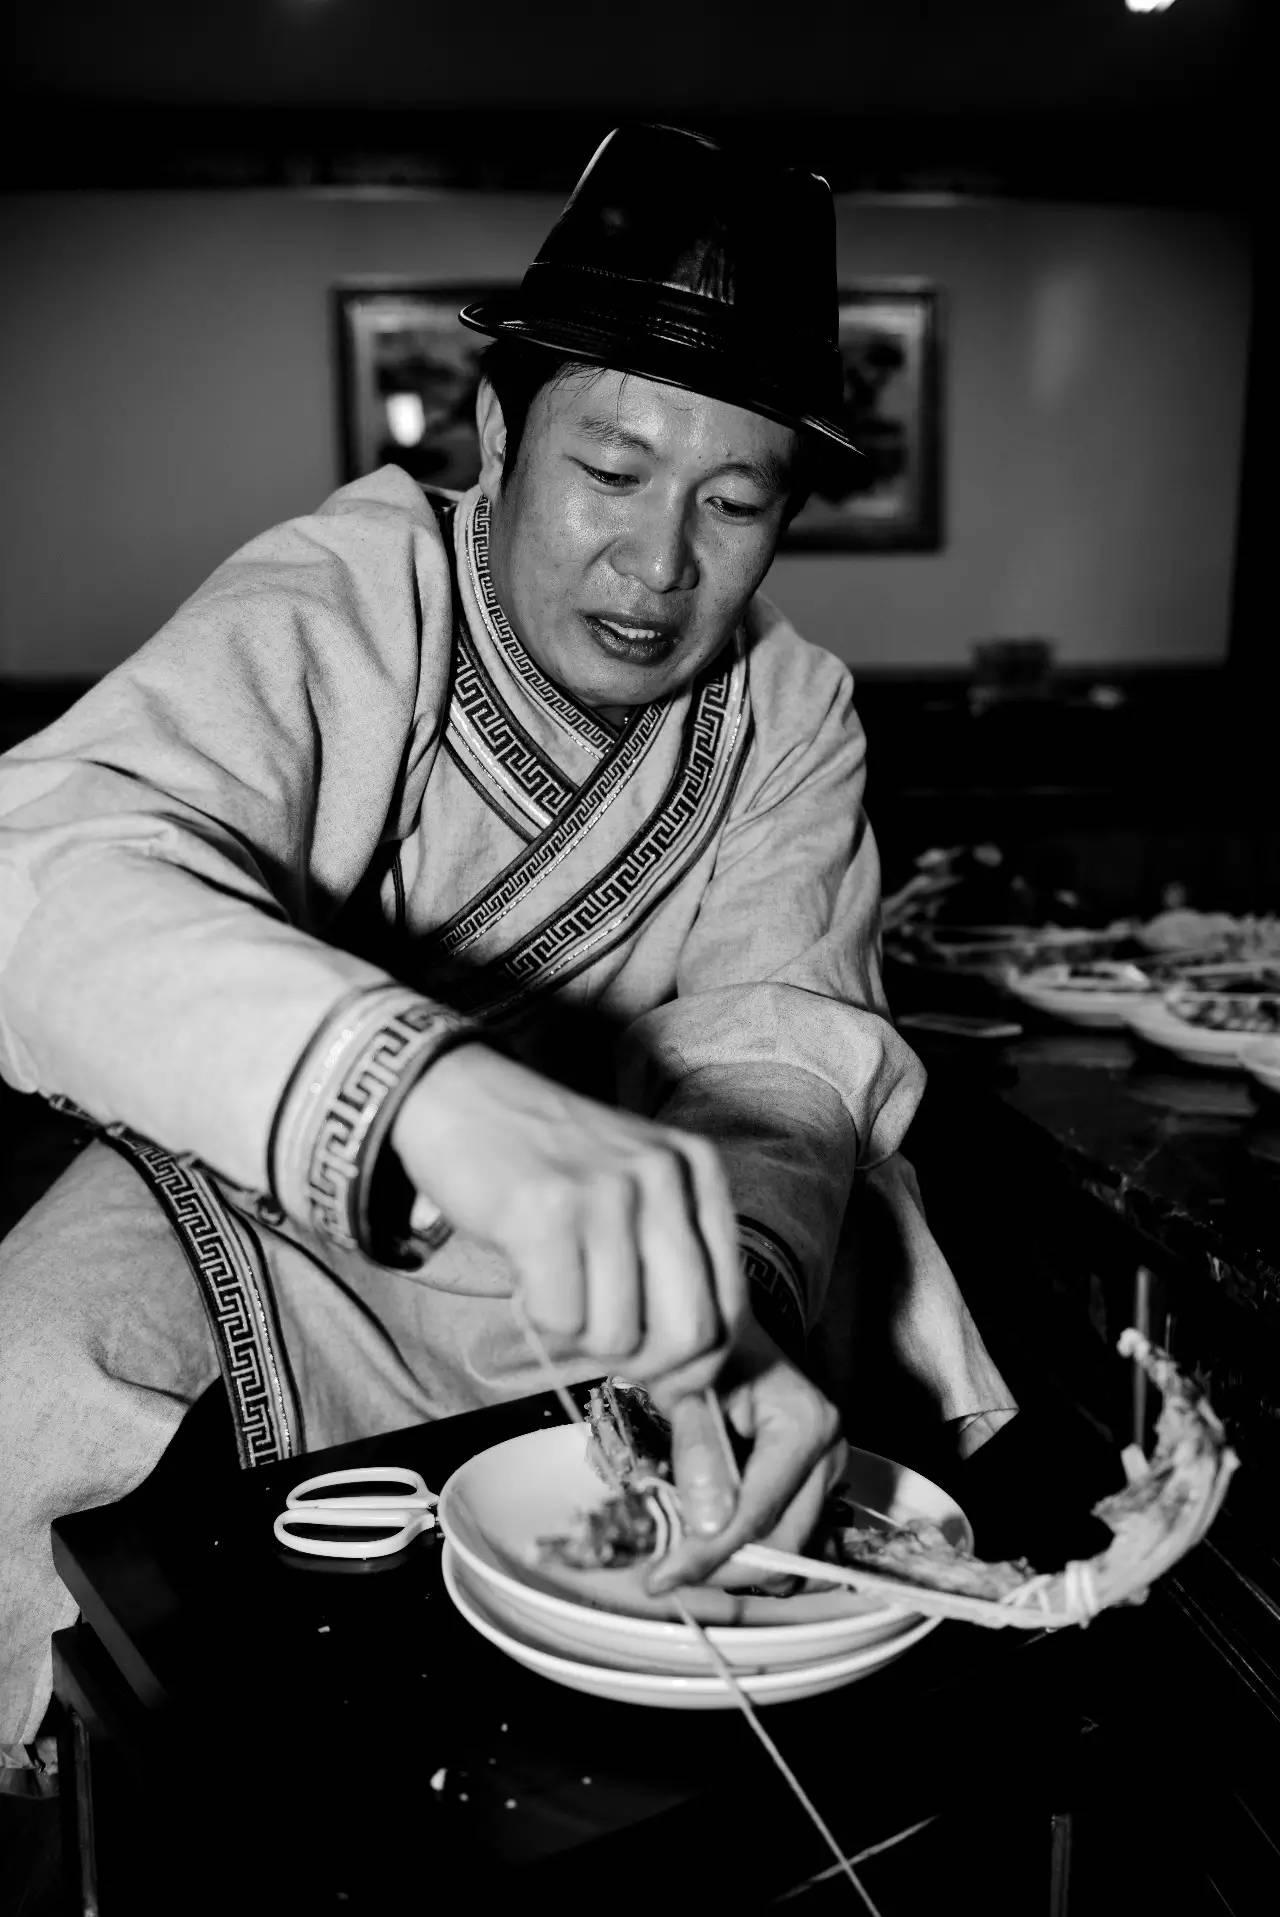 【ANU美图】摄影师吉雅:传统蒙古族牧民黑白纪实作品欣赏 第8张